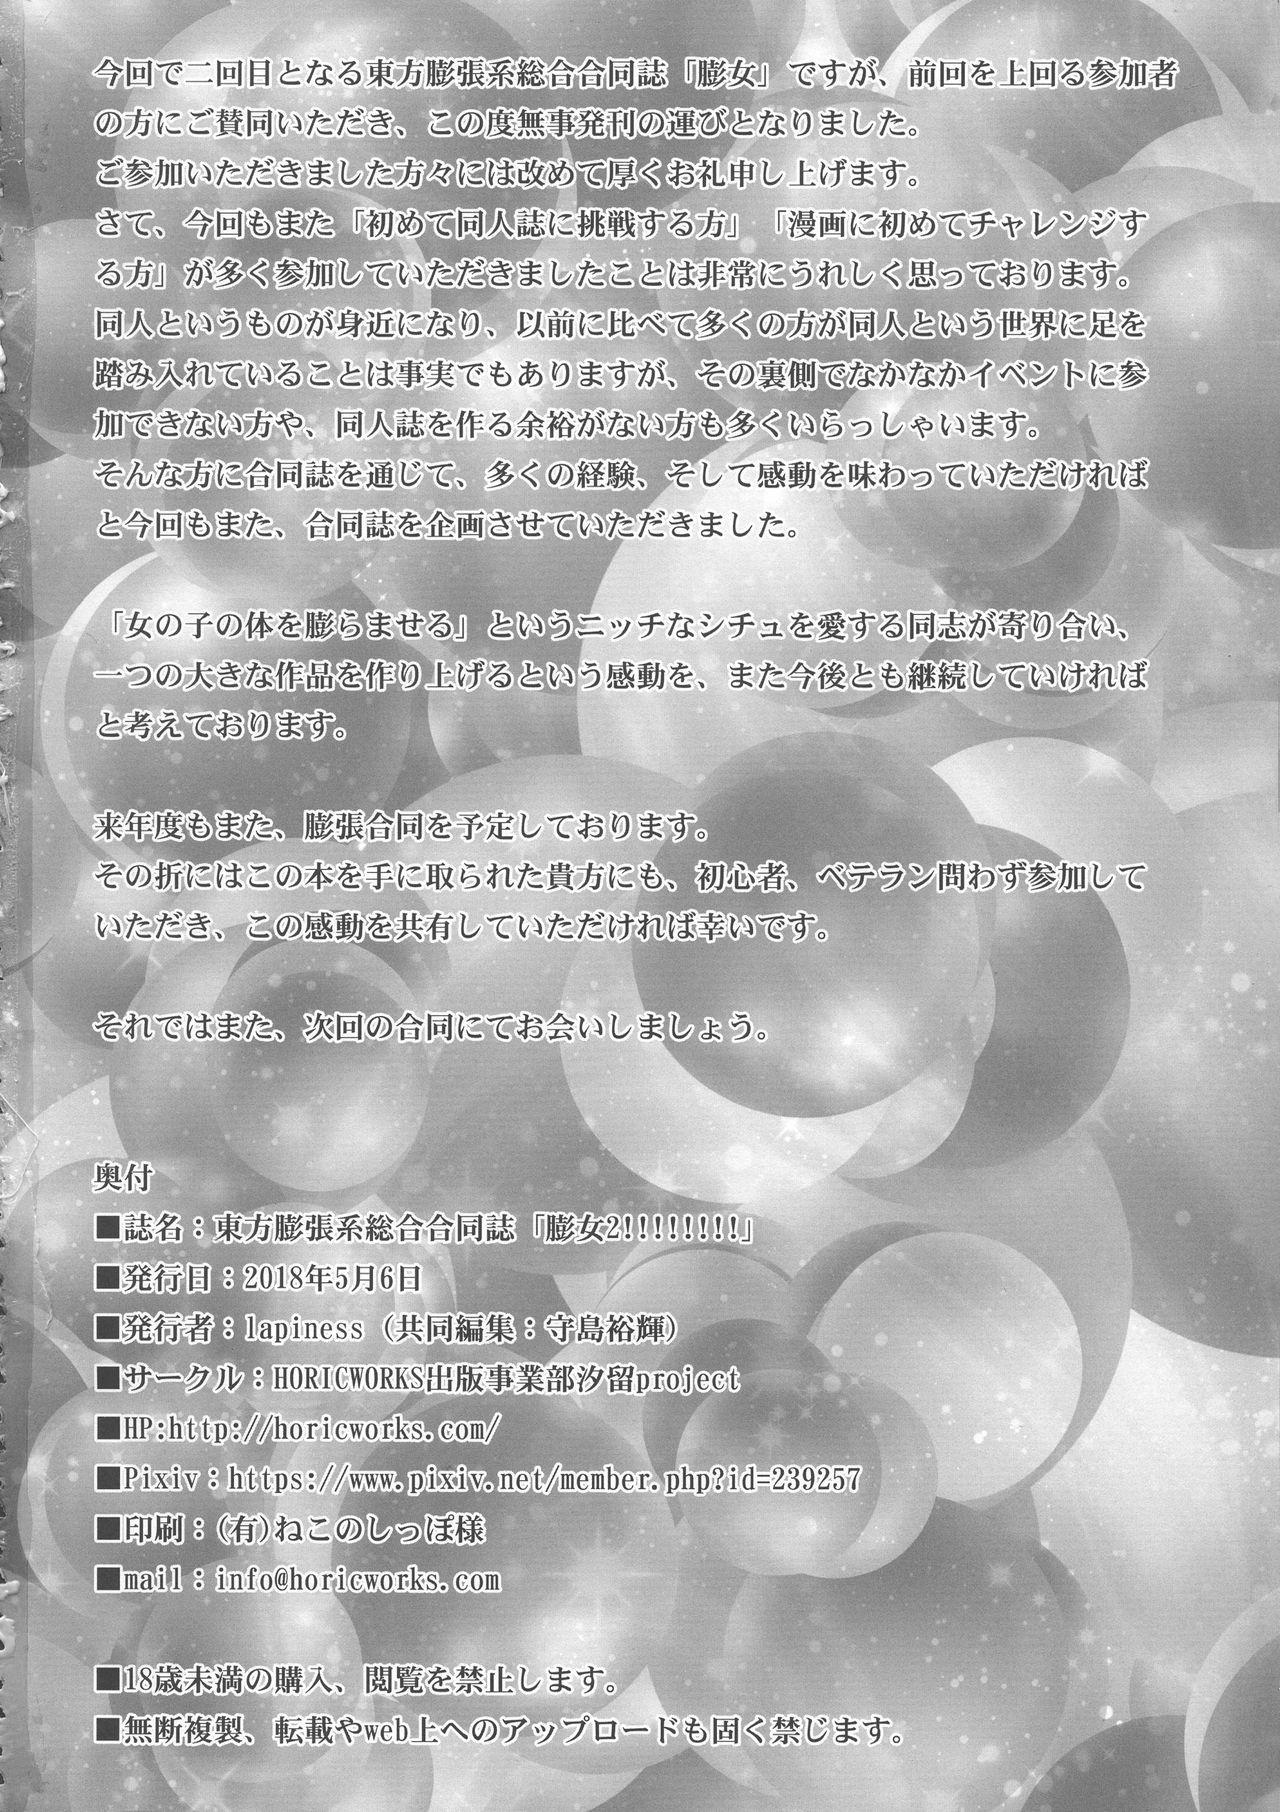 (Reitaisai 15) [HORIC WORKS (Various)] Touhou Bouchou-kei Sougou Goudou-shi `Boujo 2!!!!!!!!' (Touhou Project) 120